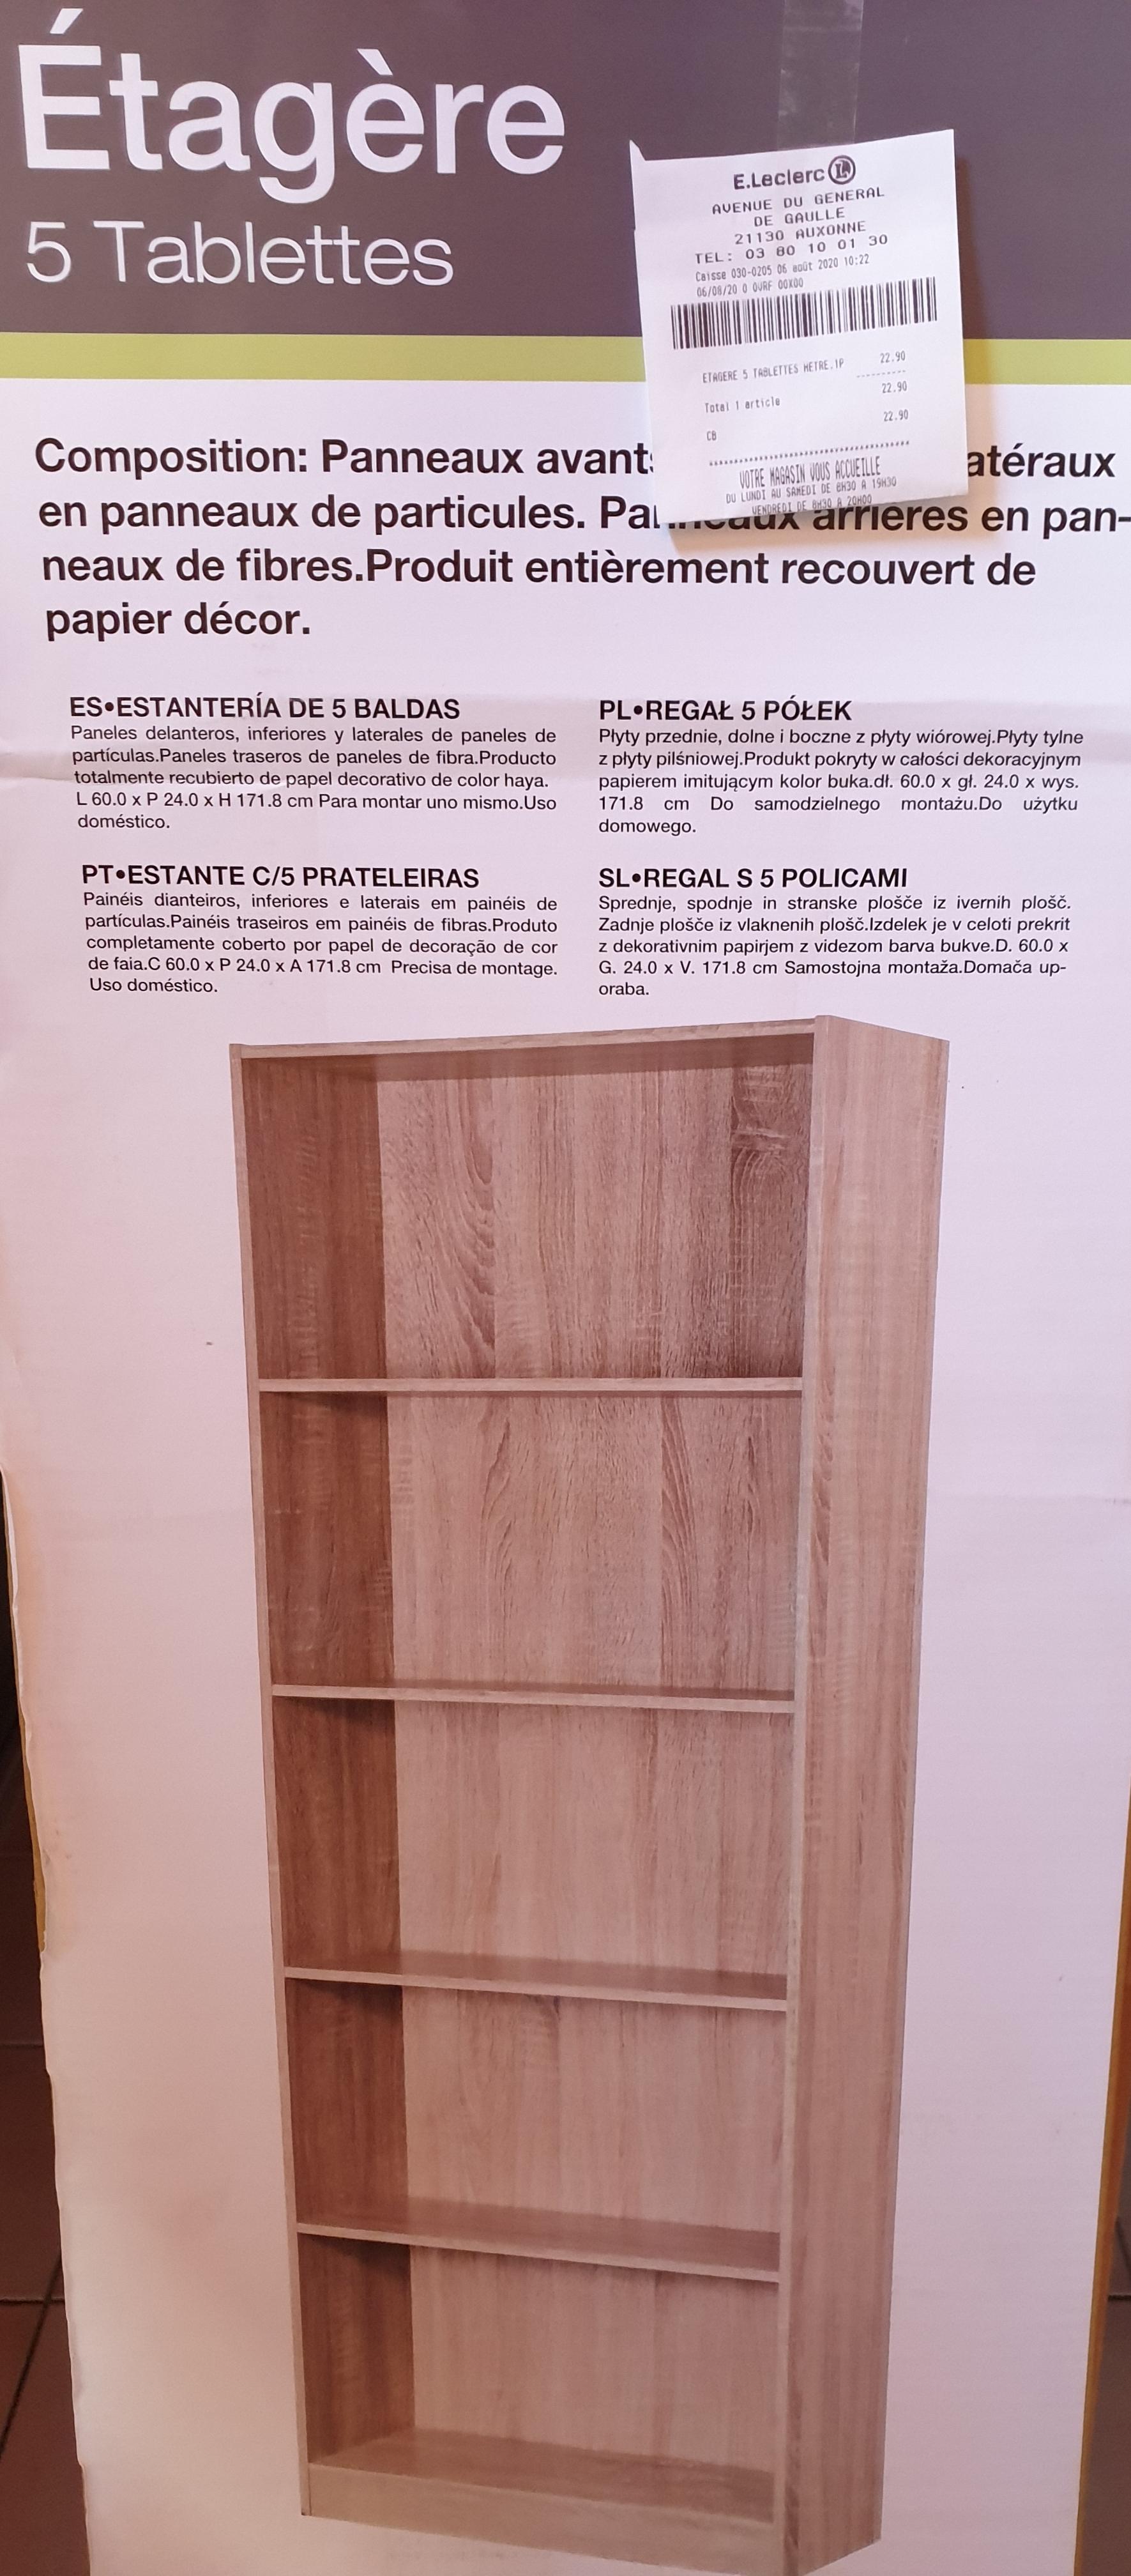 Etagère Rangement 5 Tablettes (Coloris au choix) - H 171cm L 60 cm P 24cm - Auxonne (21)